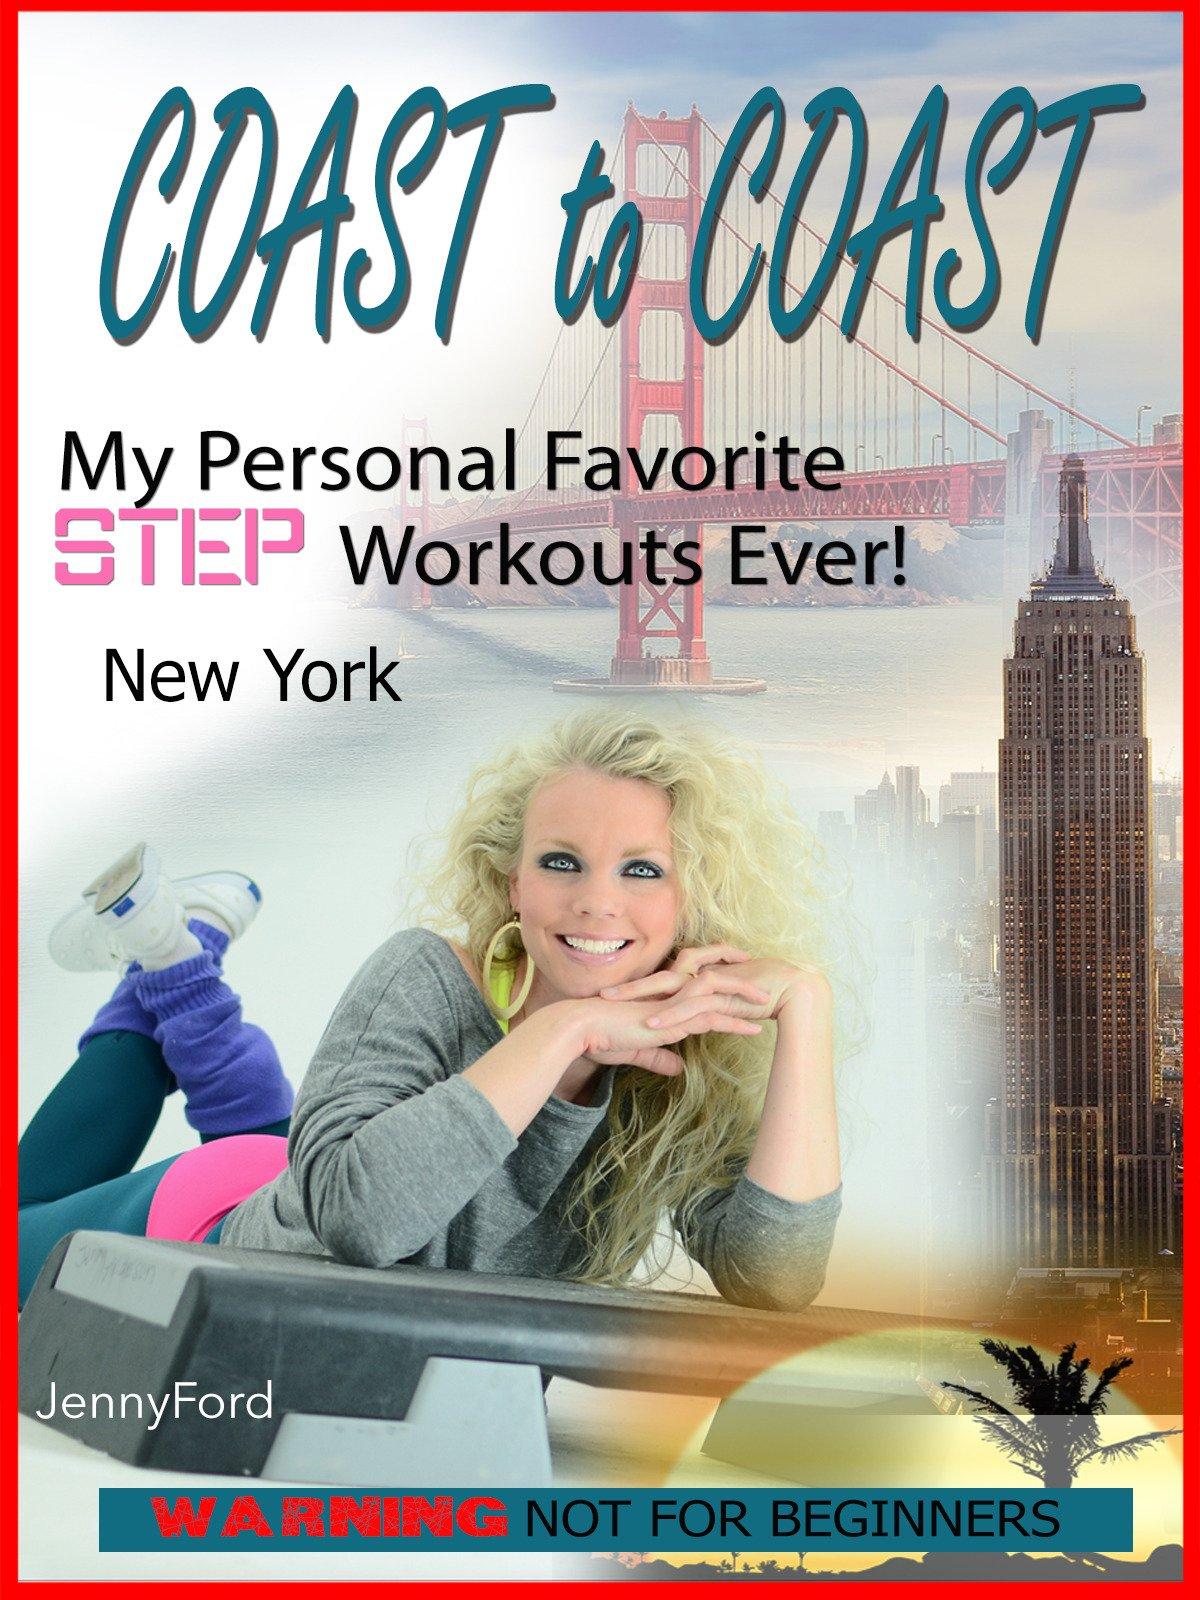 New York Coast to Coast Jenny Ford Step Aerobics